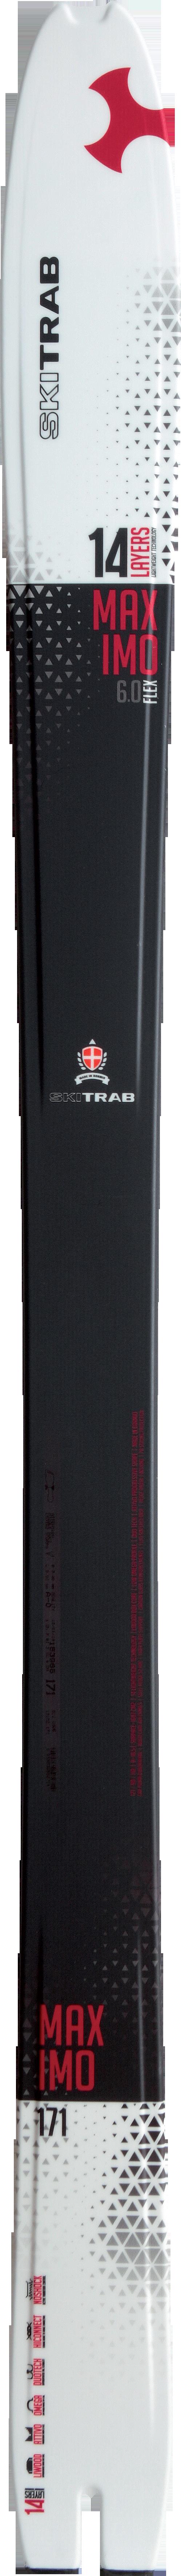 13152_maximo-6.0